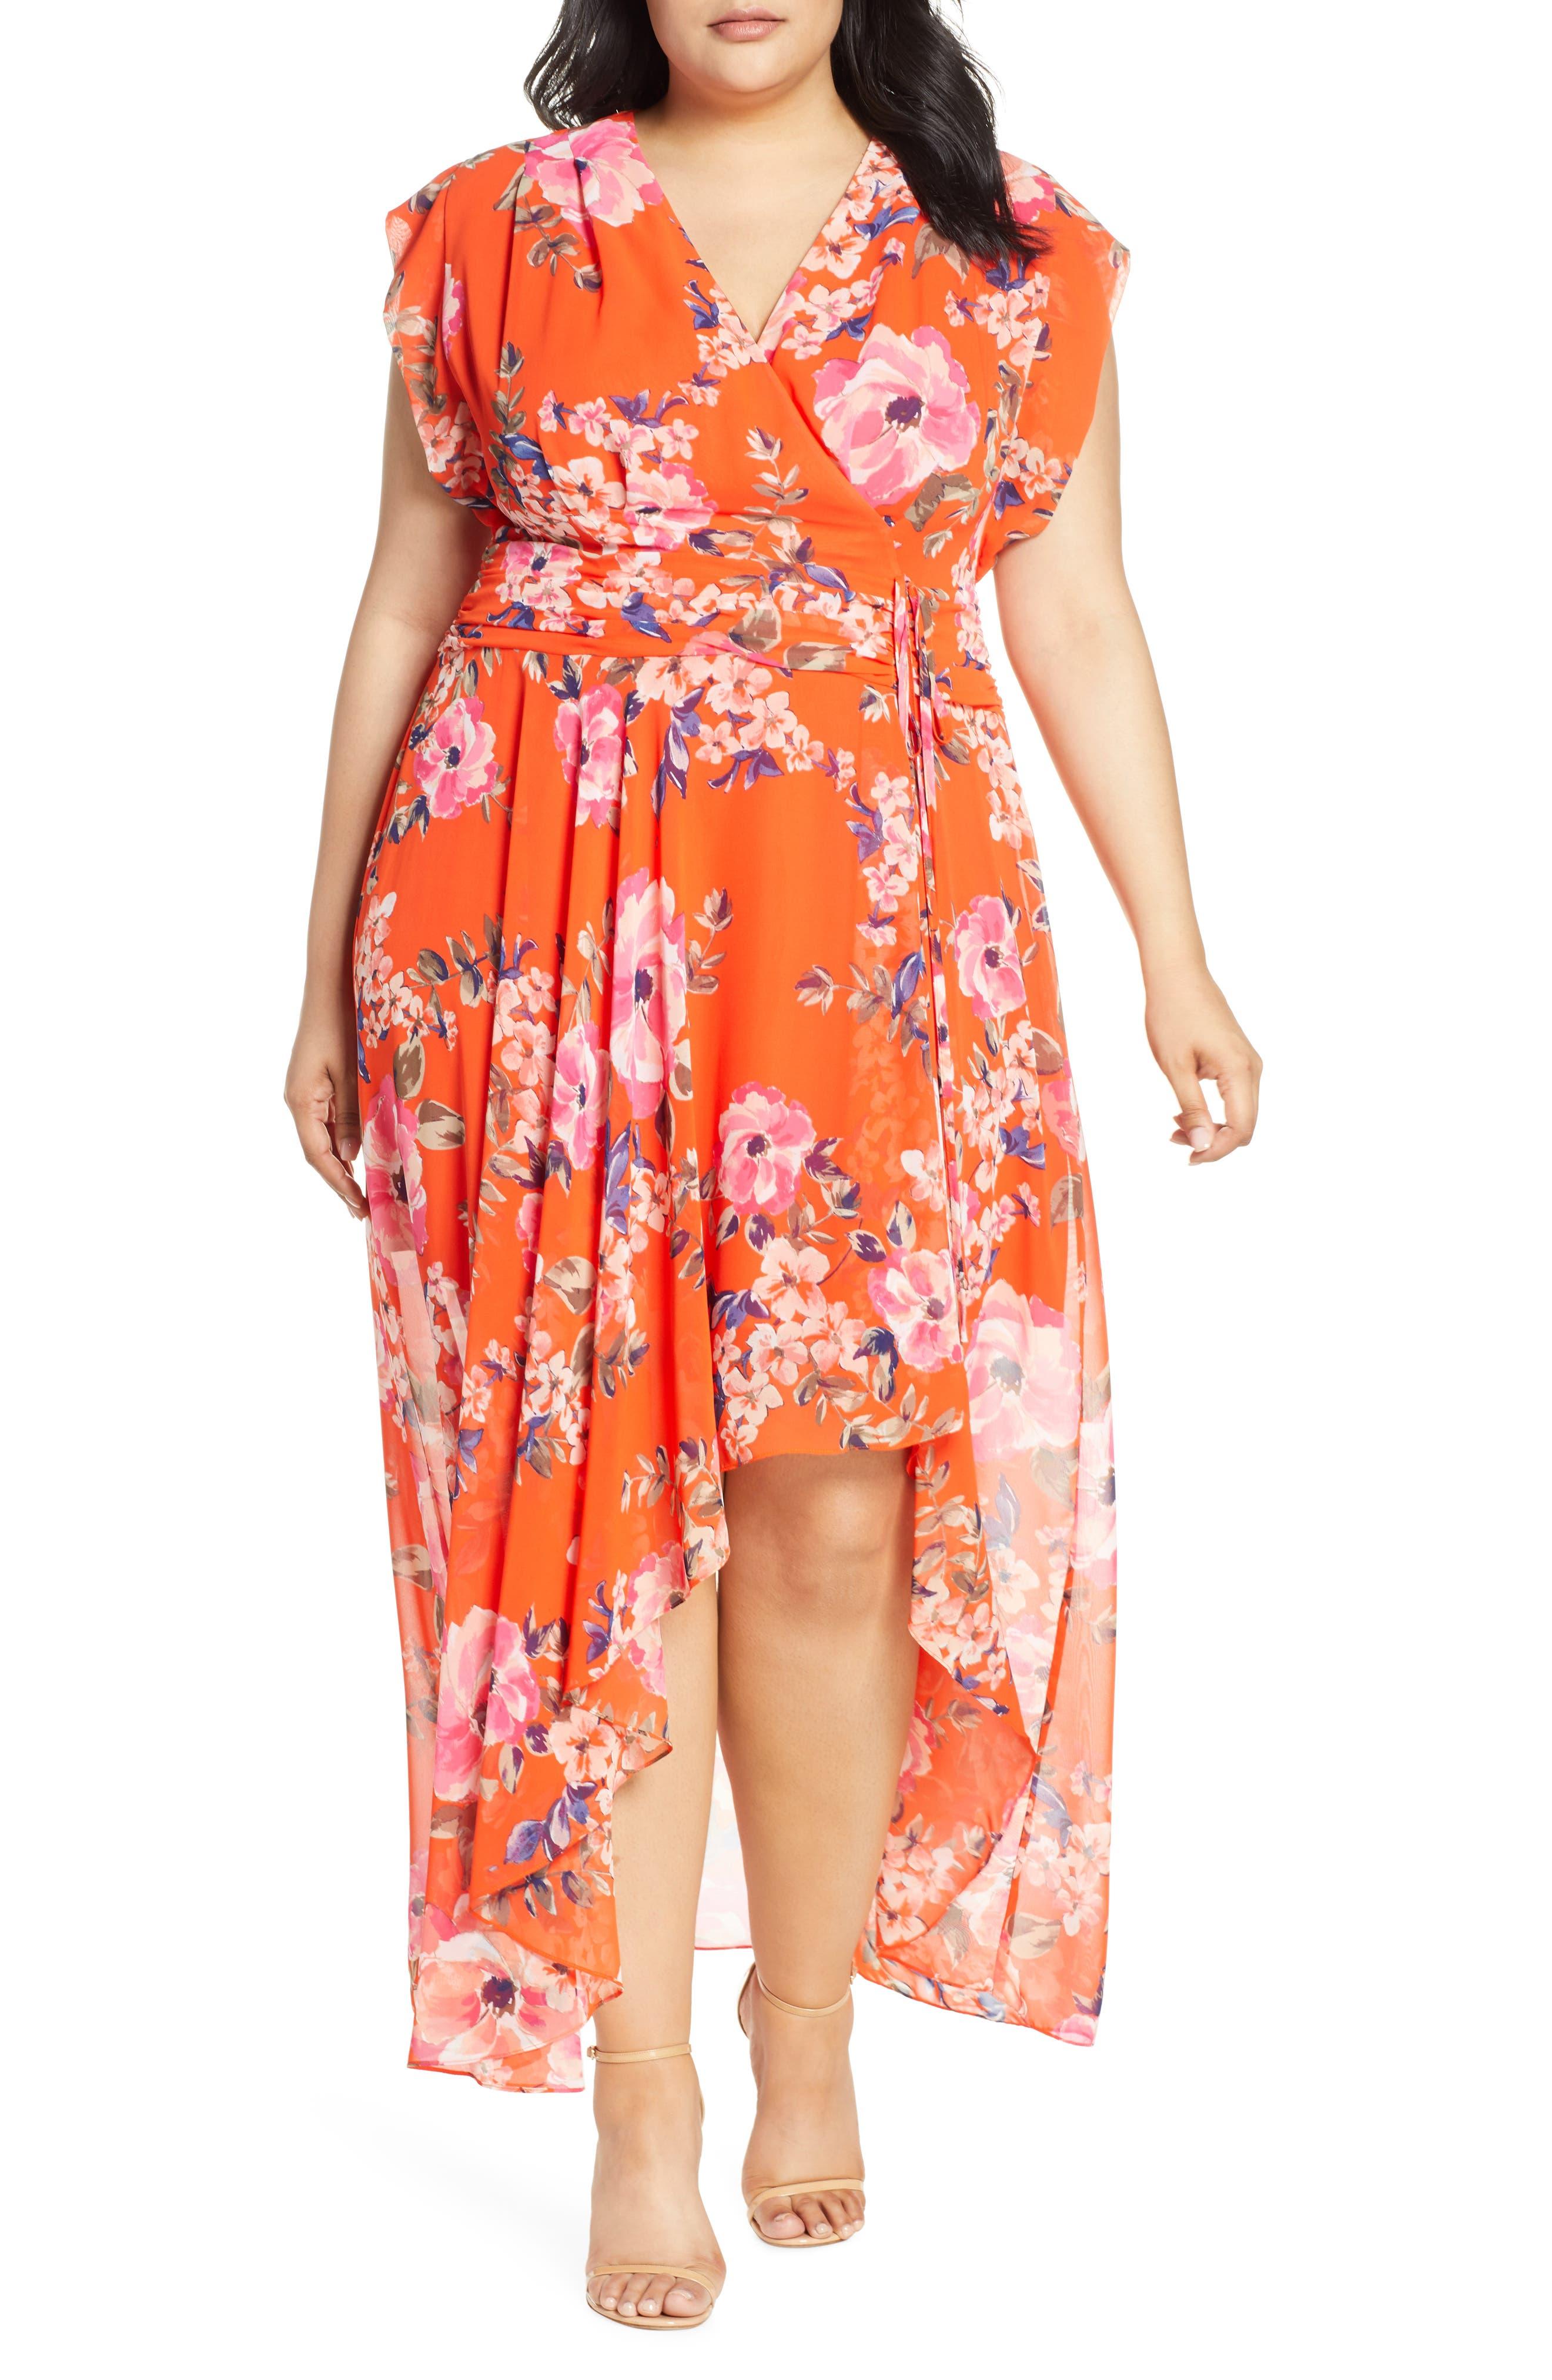 Plus Size Eliza J Floral Print Chiffon High/low Maxi Dress, Orange